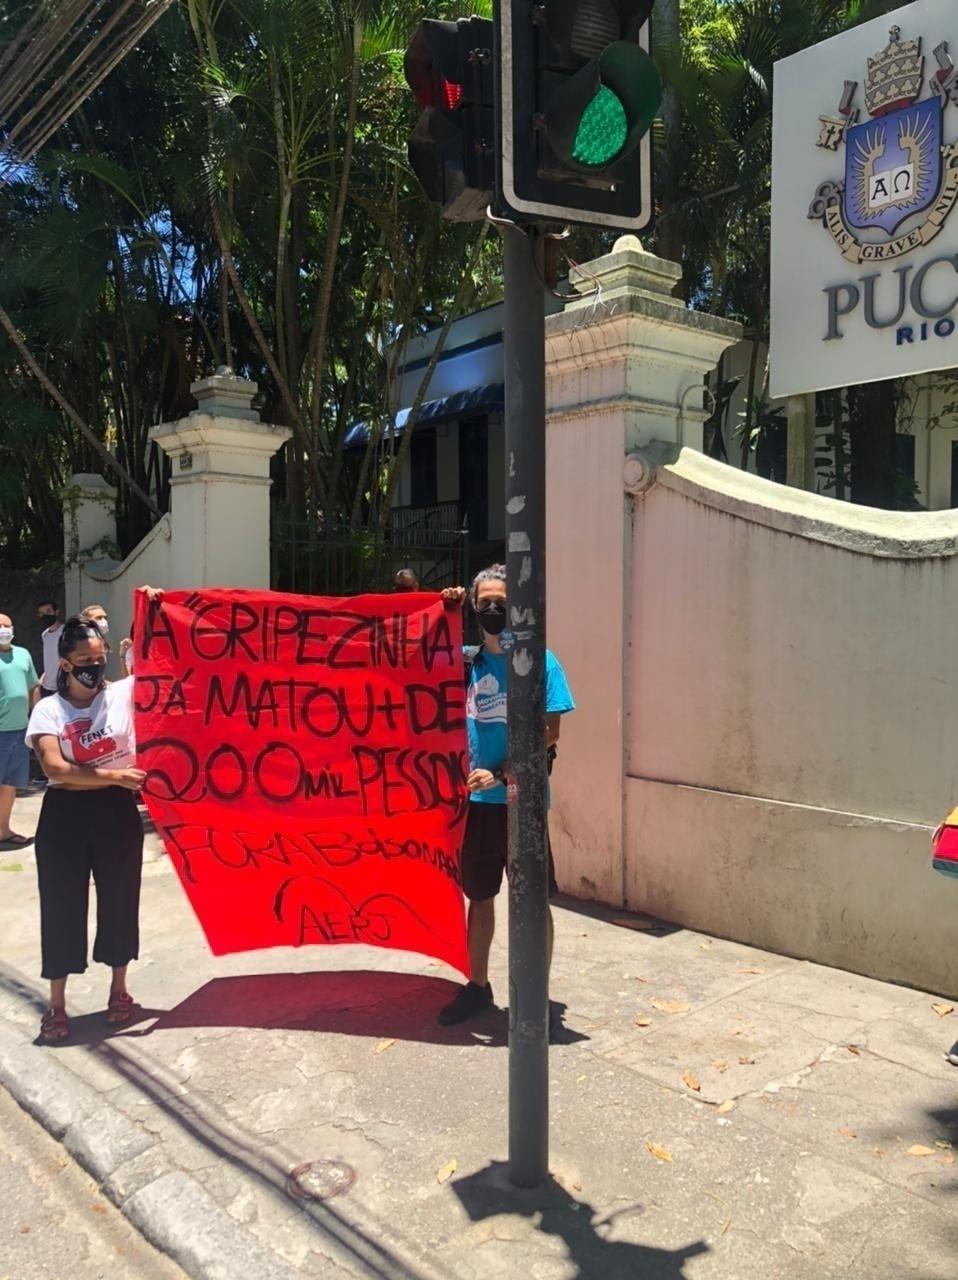 """Um pequeno grupo de manifestantes realizou um protesto em frente a uma das entradas da PUC-Rio (Pontifícia Universidade Católica do Rio), zona sul da cidade. Com um cartaz escrito """"a gripezinha já matou + de 200 mil pessoas"""" decidiram se manifestar contra o presidente Jair Bolsonaro (sem partido) - Tatiana Campbell/UOL"""